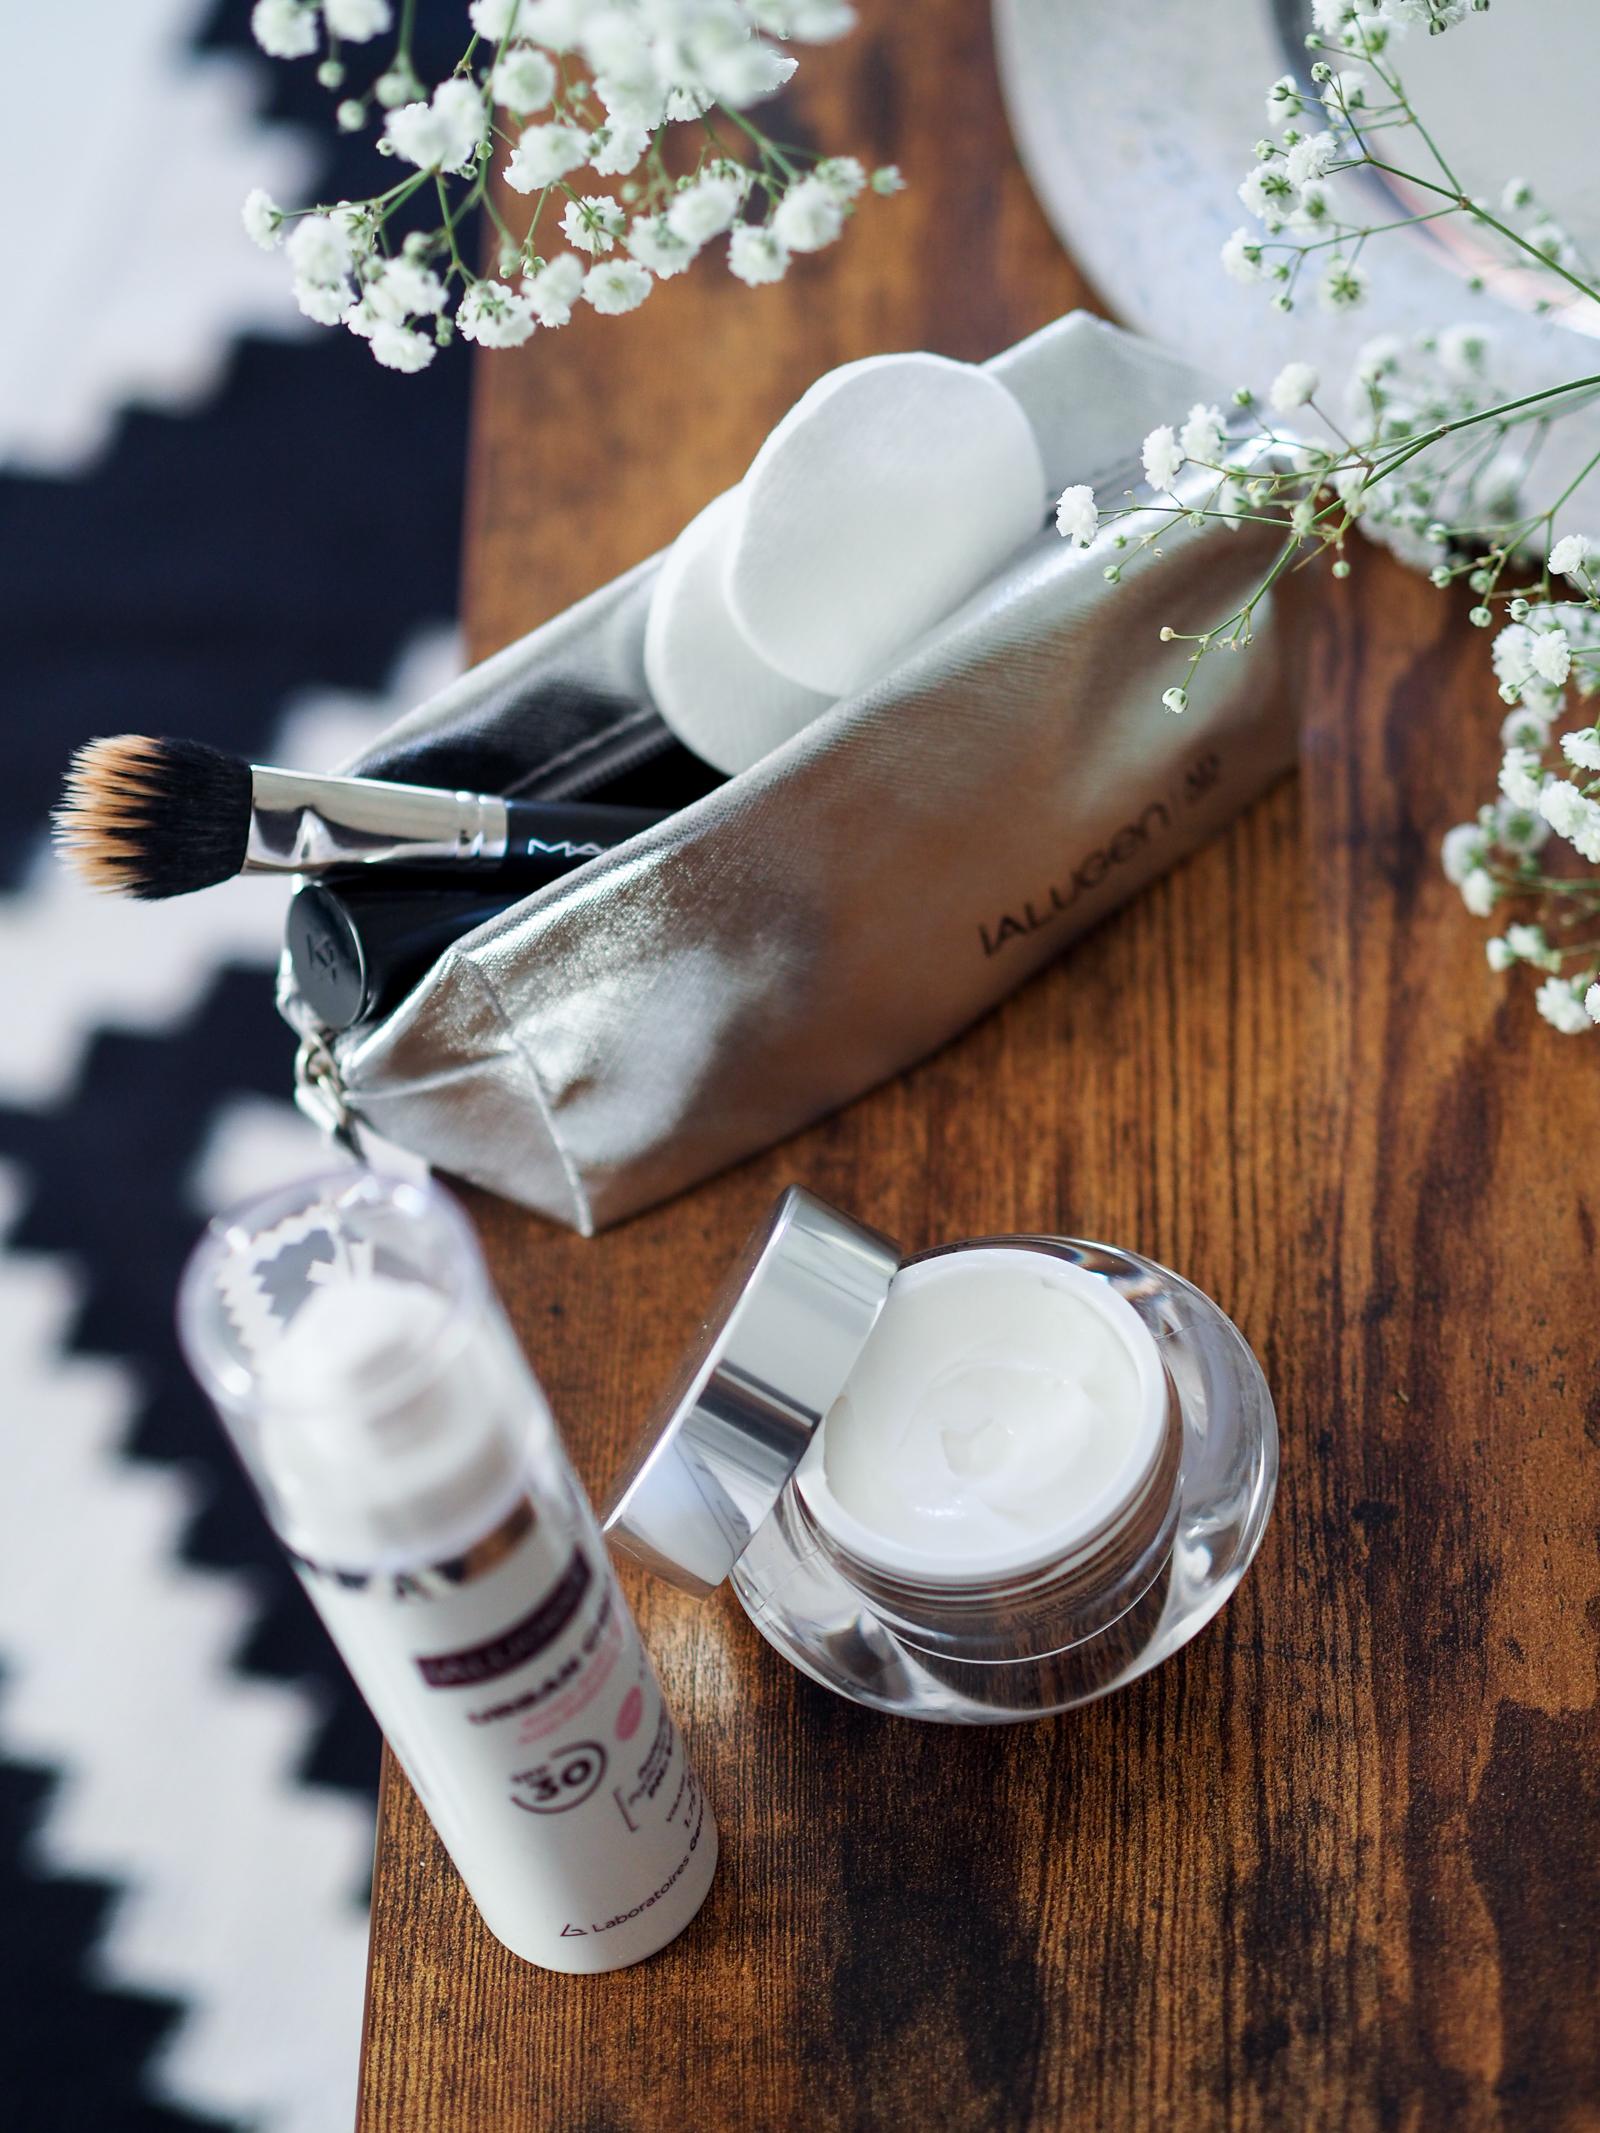 anti ge j 39 ai test les soins base d 39 acide hyaluronique ialugen advance la minute fashion. Black Bedroom Furniture Sets. Home Design Ideas